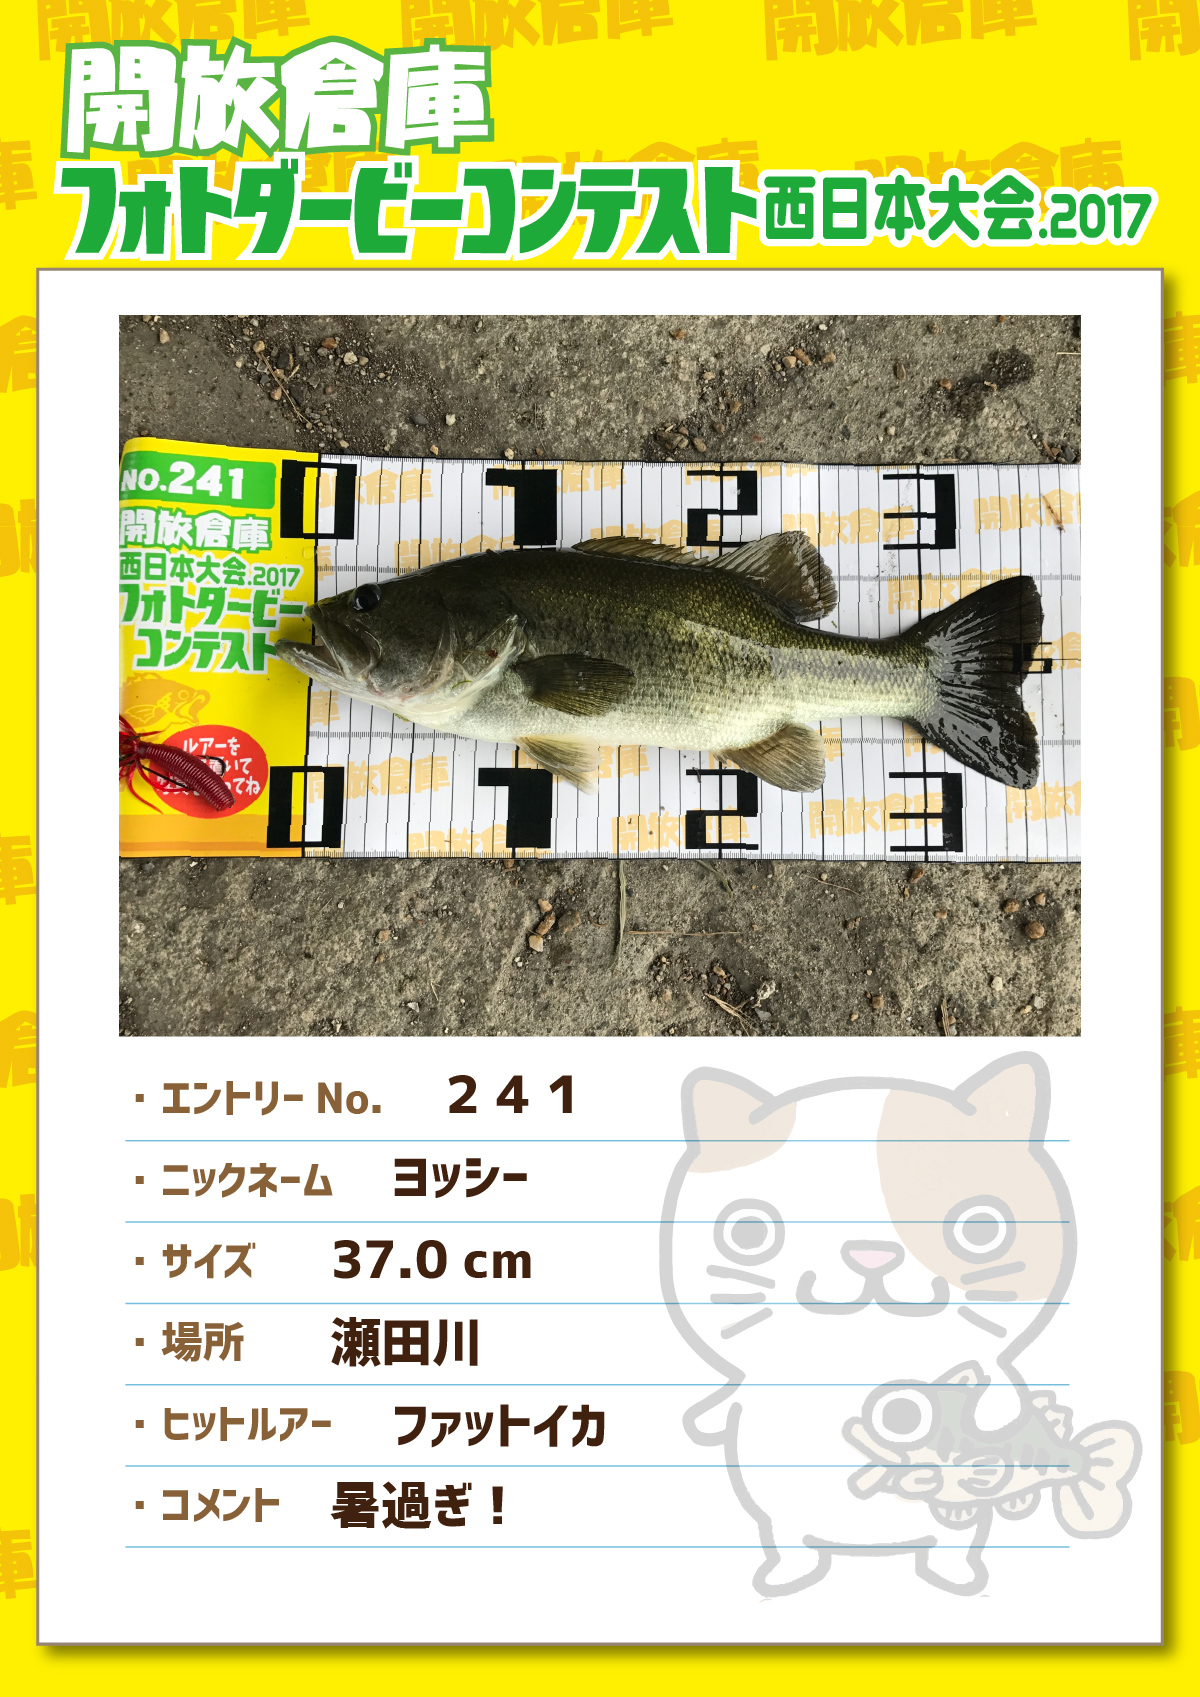 No.241 ヨッシー 37.0cm 瀬田川 ファットイカ 暑すぎ!